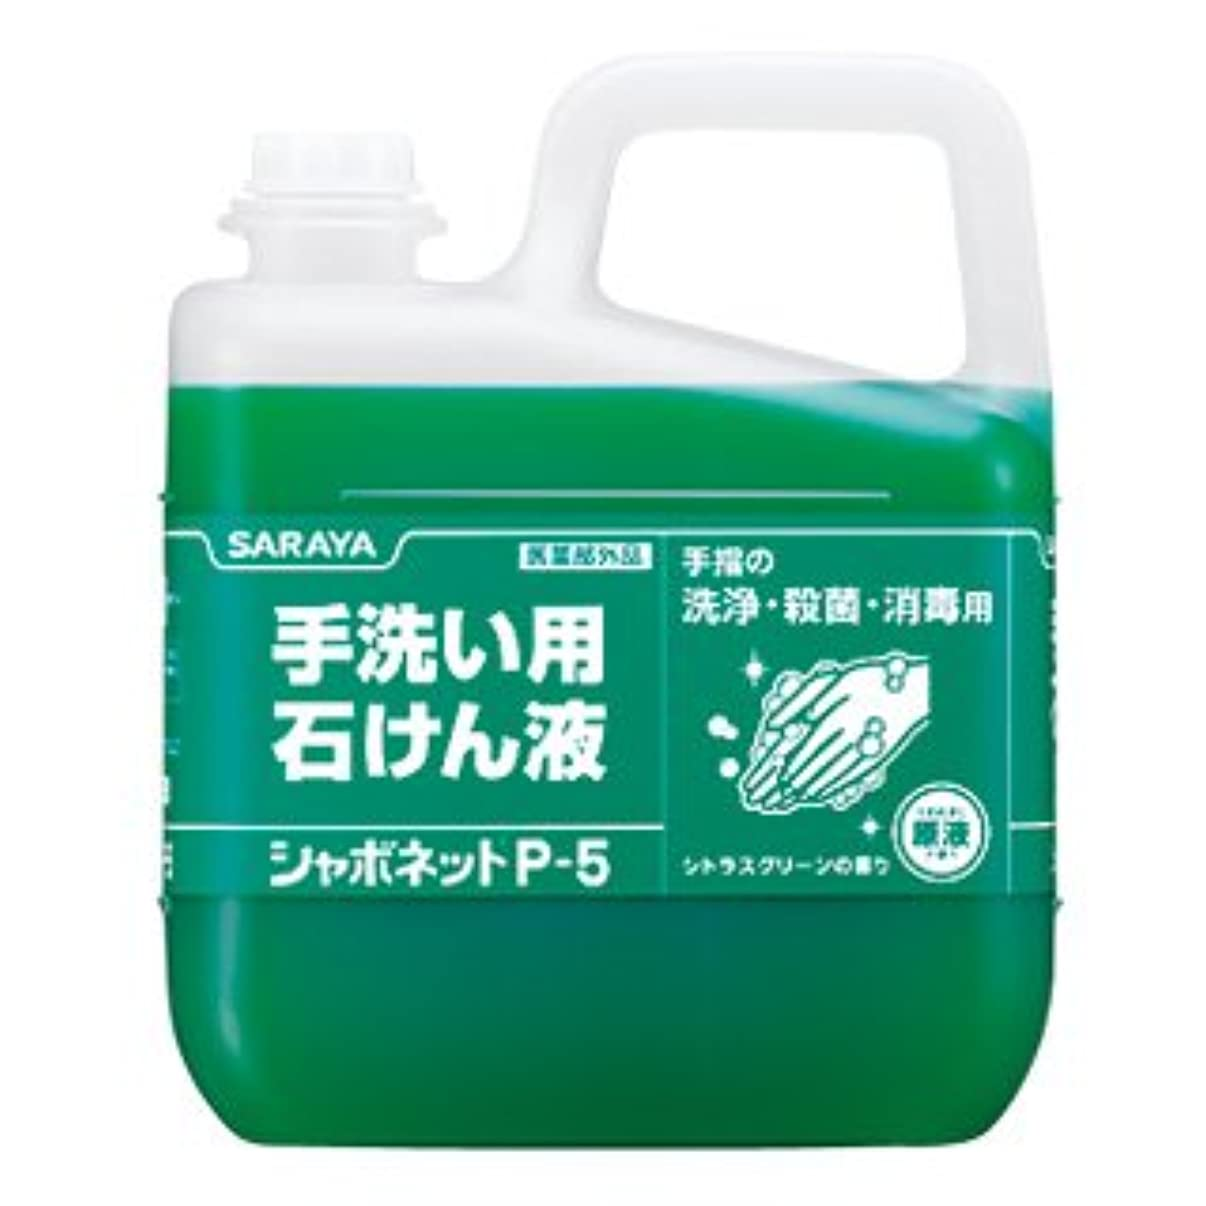 適度に劇的かみそりサラヤ シャボネット P-5 5kg×3 シトラスグリーンの香り